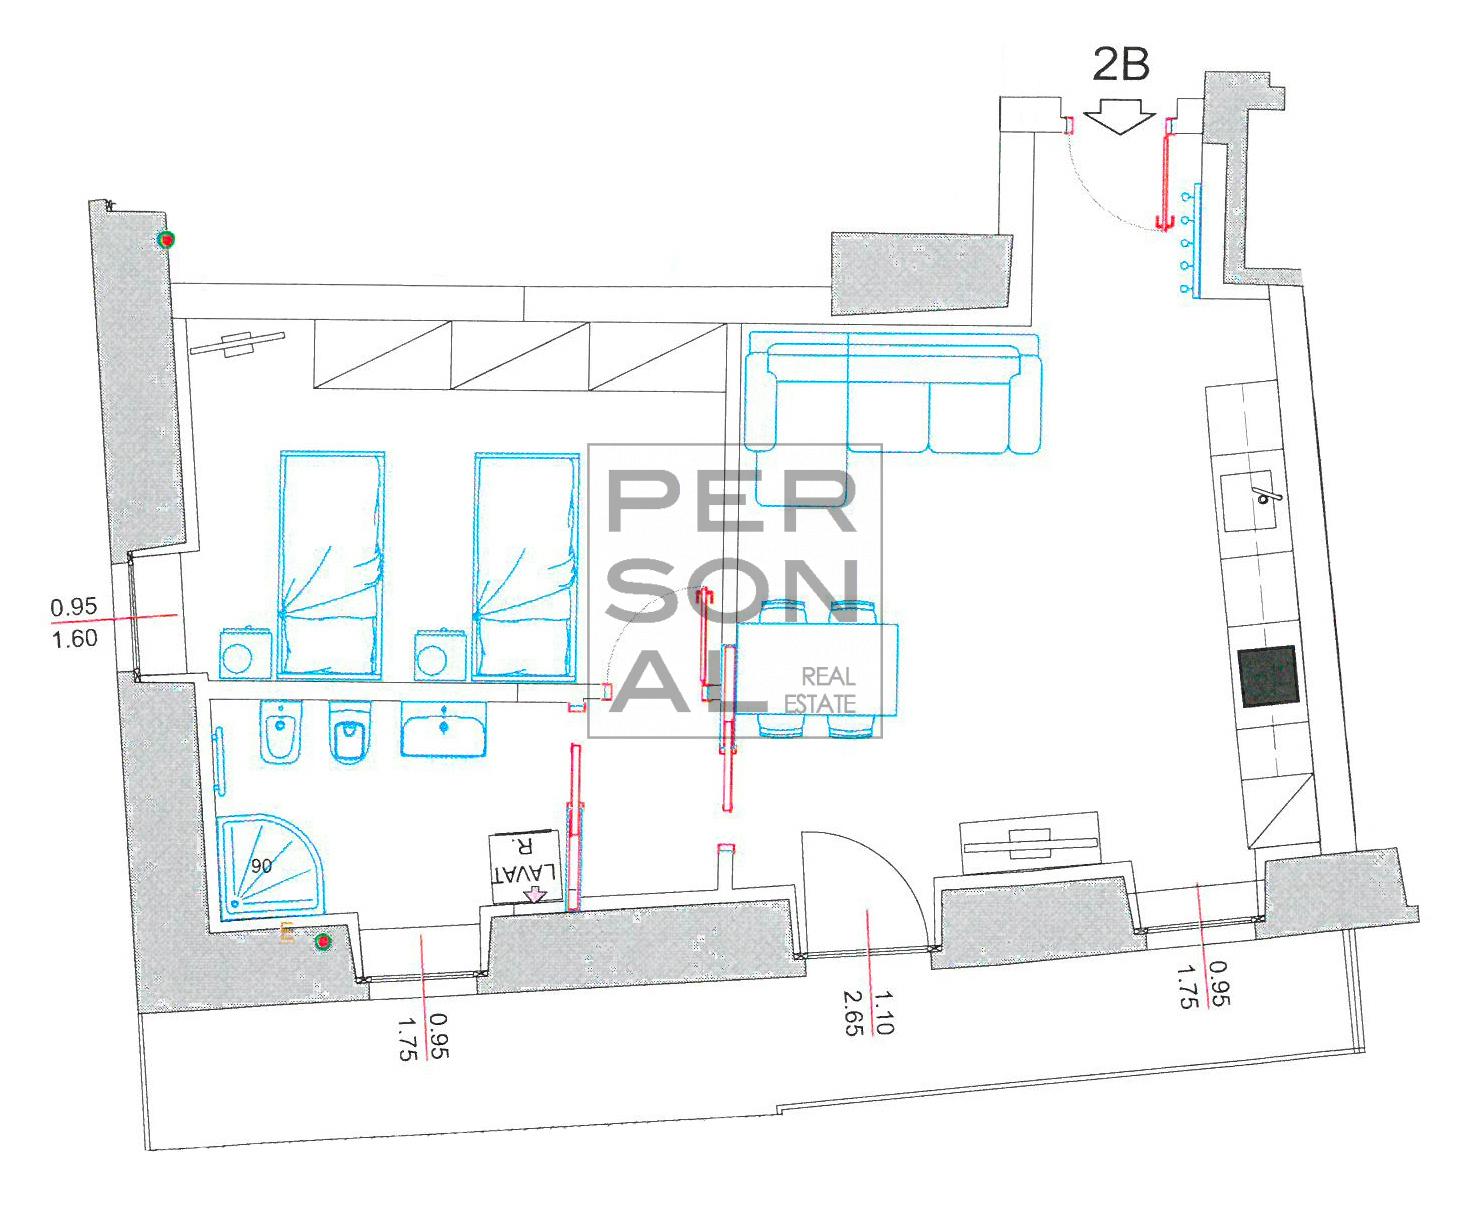 Appartamento in Affitto a Trento - Cod. XP-AFF-2B